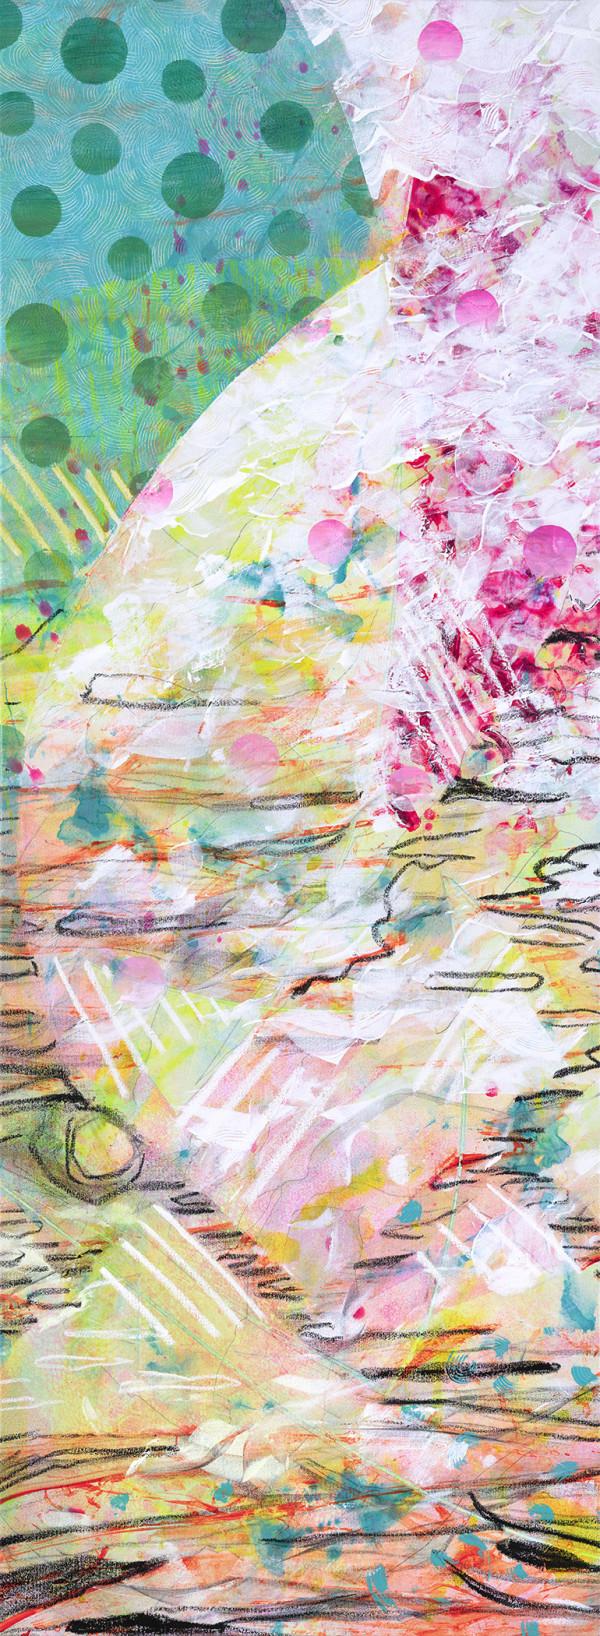 Art Medicine by Joanne Probyn